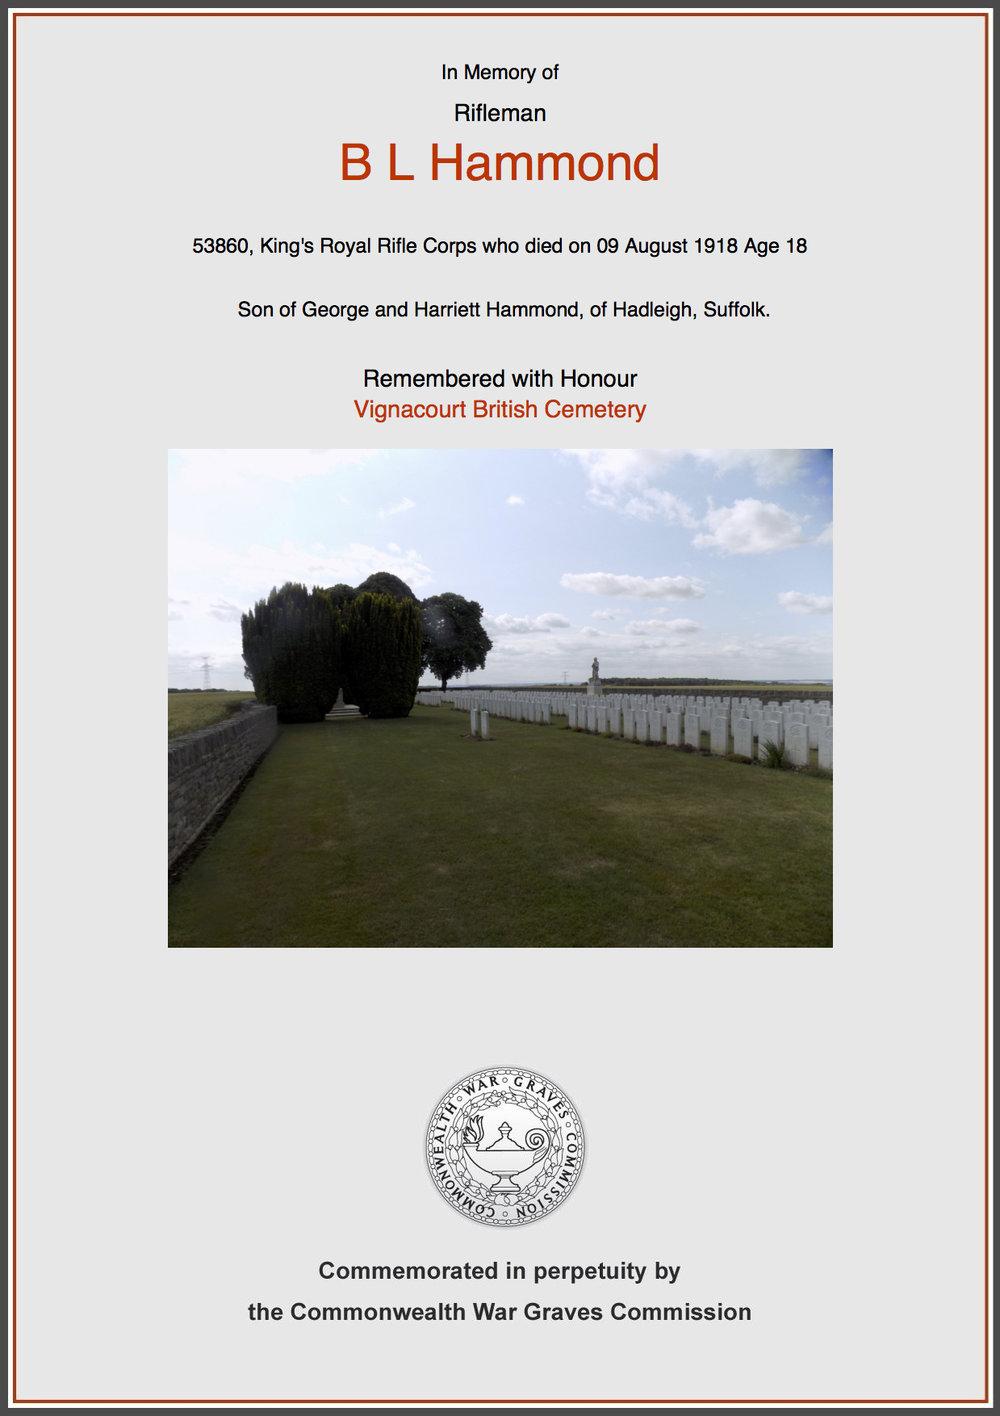 Rifleman Bertie Leslie Hammond's commemorative certificate